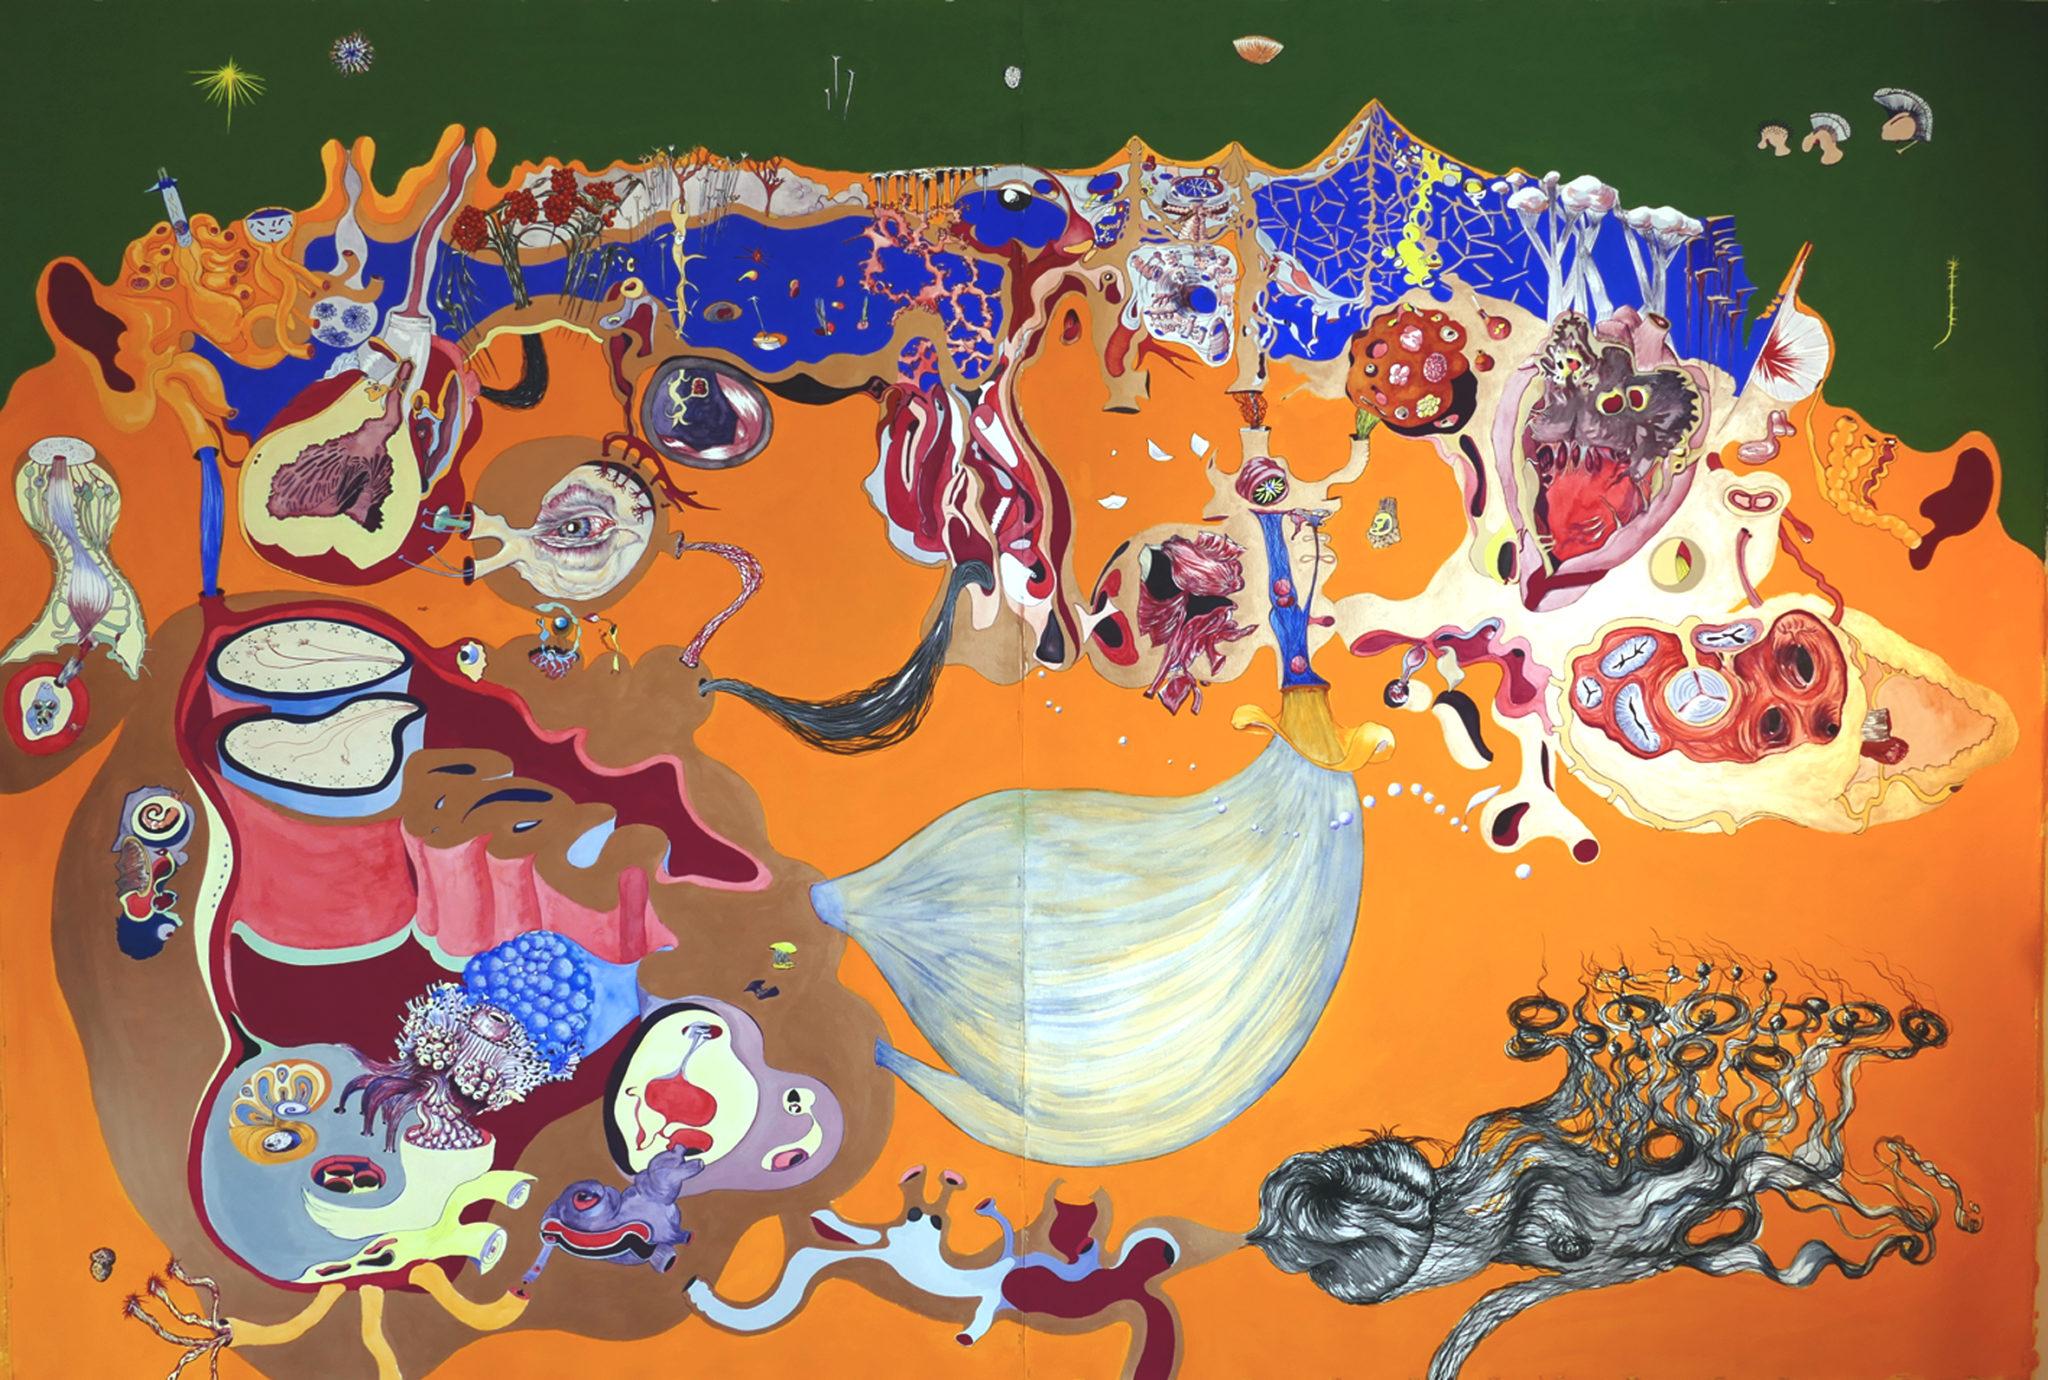 Lucie Picandet, Sur les deux oreilles, 2018_Aquarelle, gouache et encres sur papier, 190 x 276 cm_Collection privée © Galerie Georges-Philippe & Nathalie Vallois